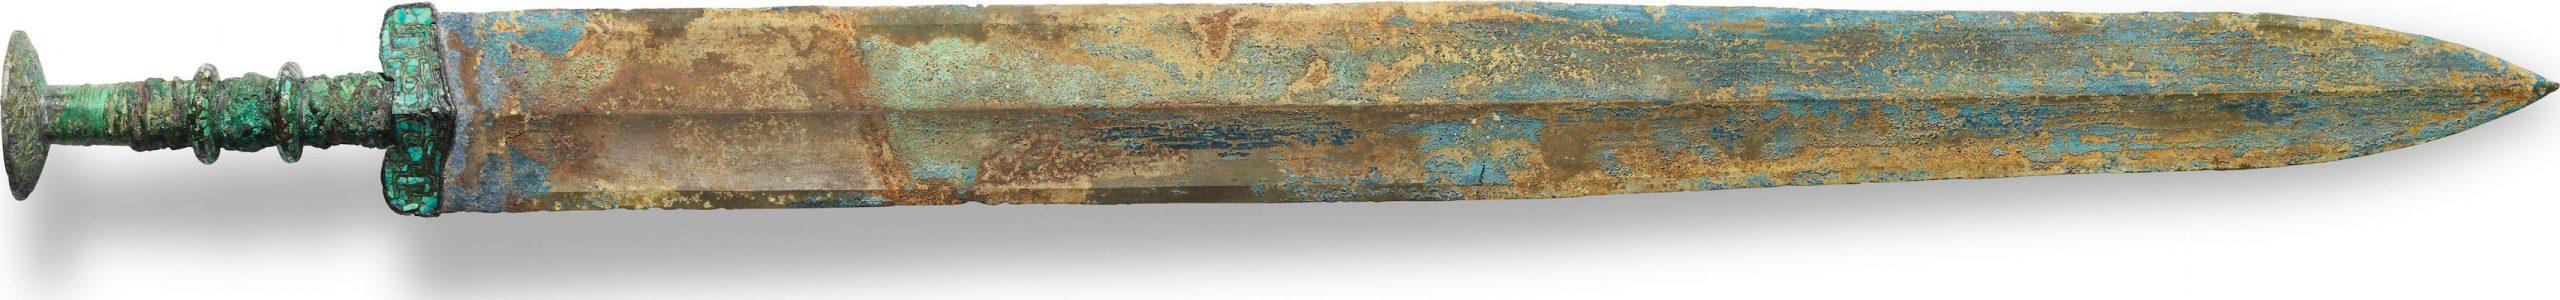 Épée incrustée de turquoise en bronze, jian, époque des Royaumes combattants